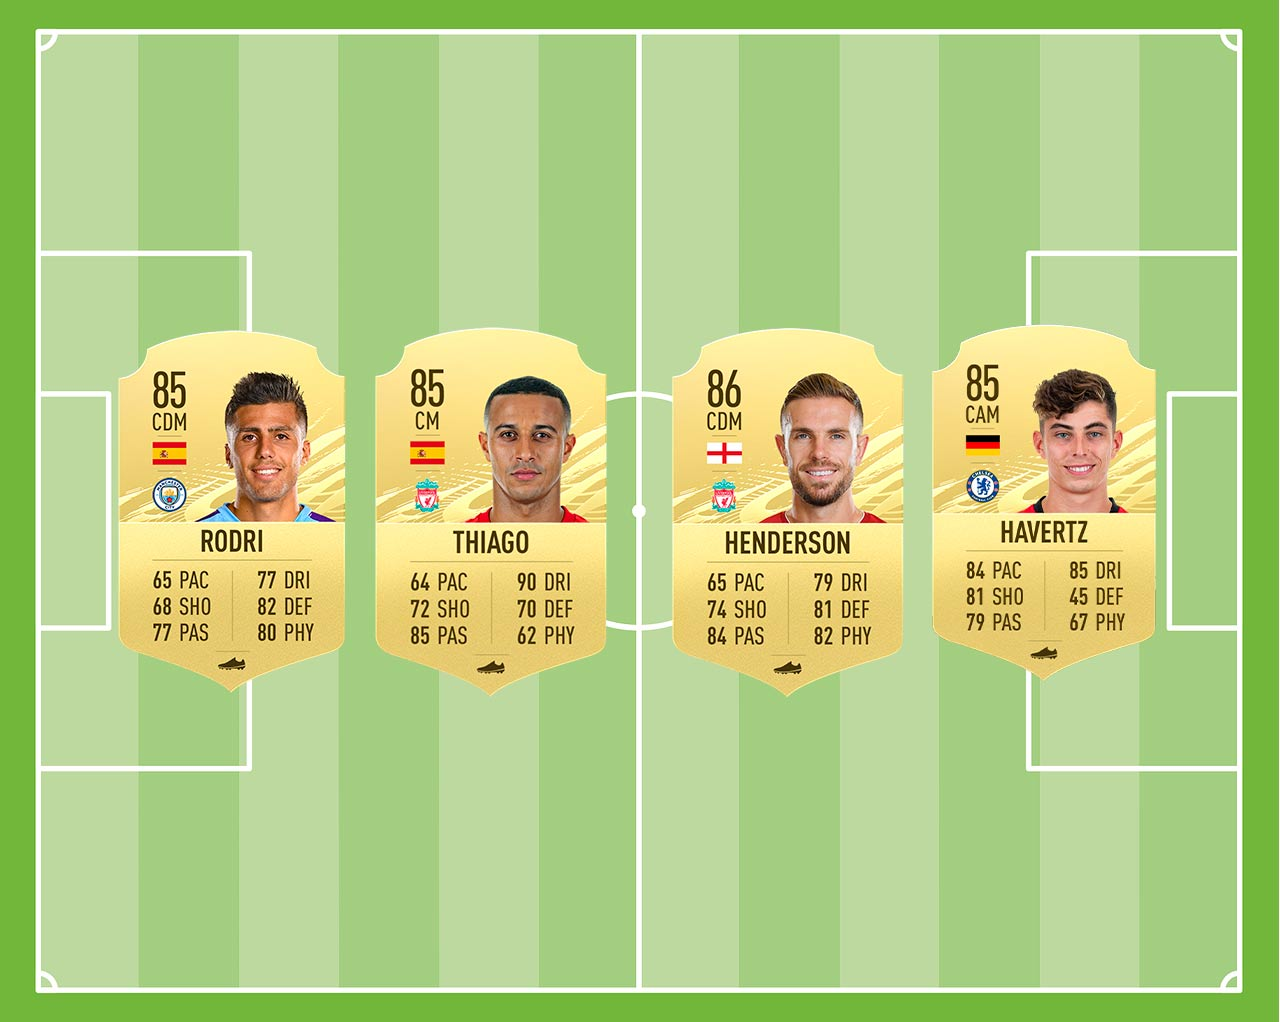 Los mejores centrocampistas de la Premier League en FIFA 21 | Kyaooo